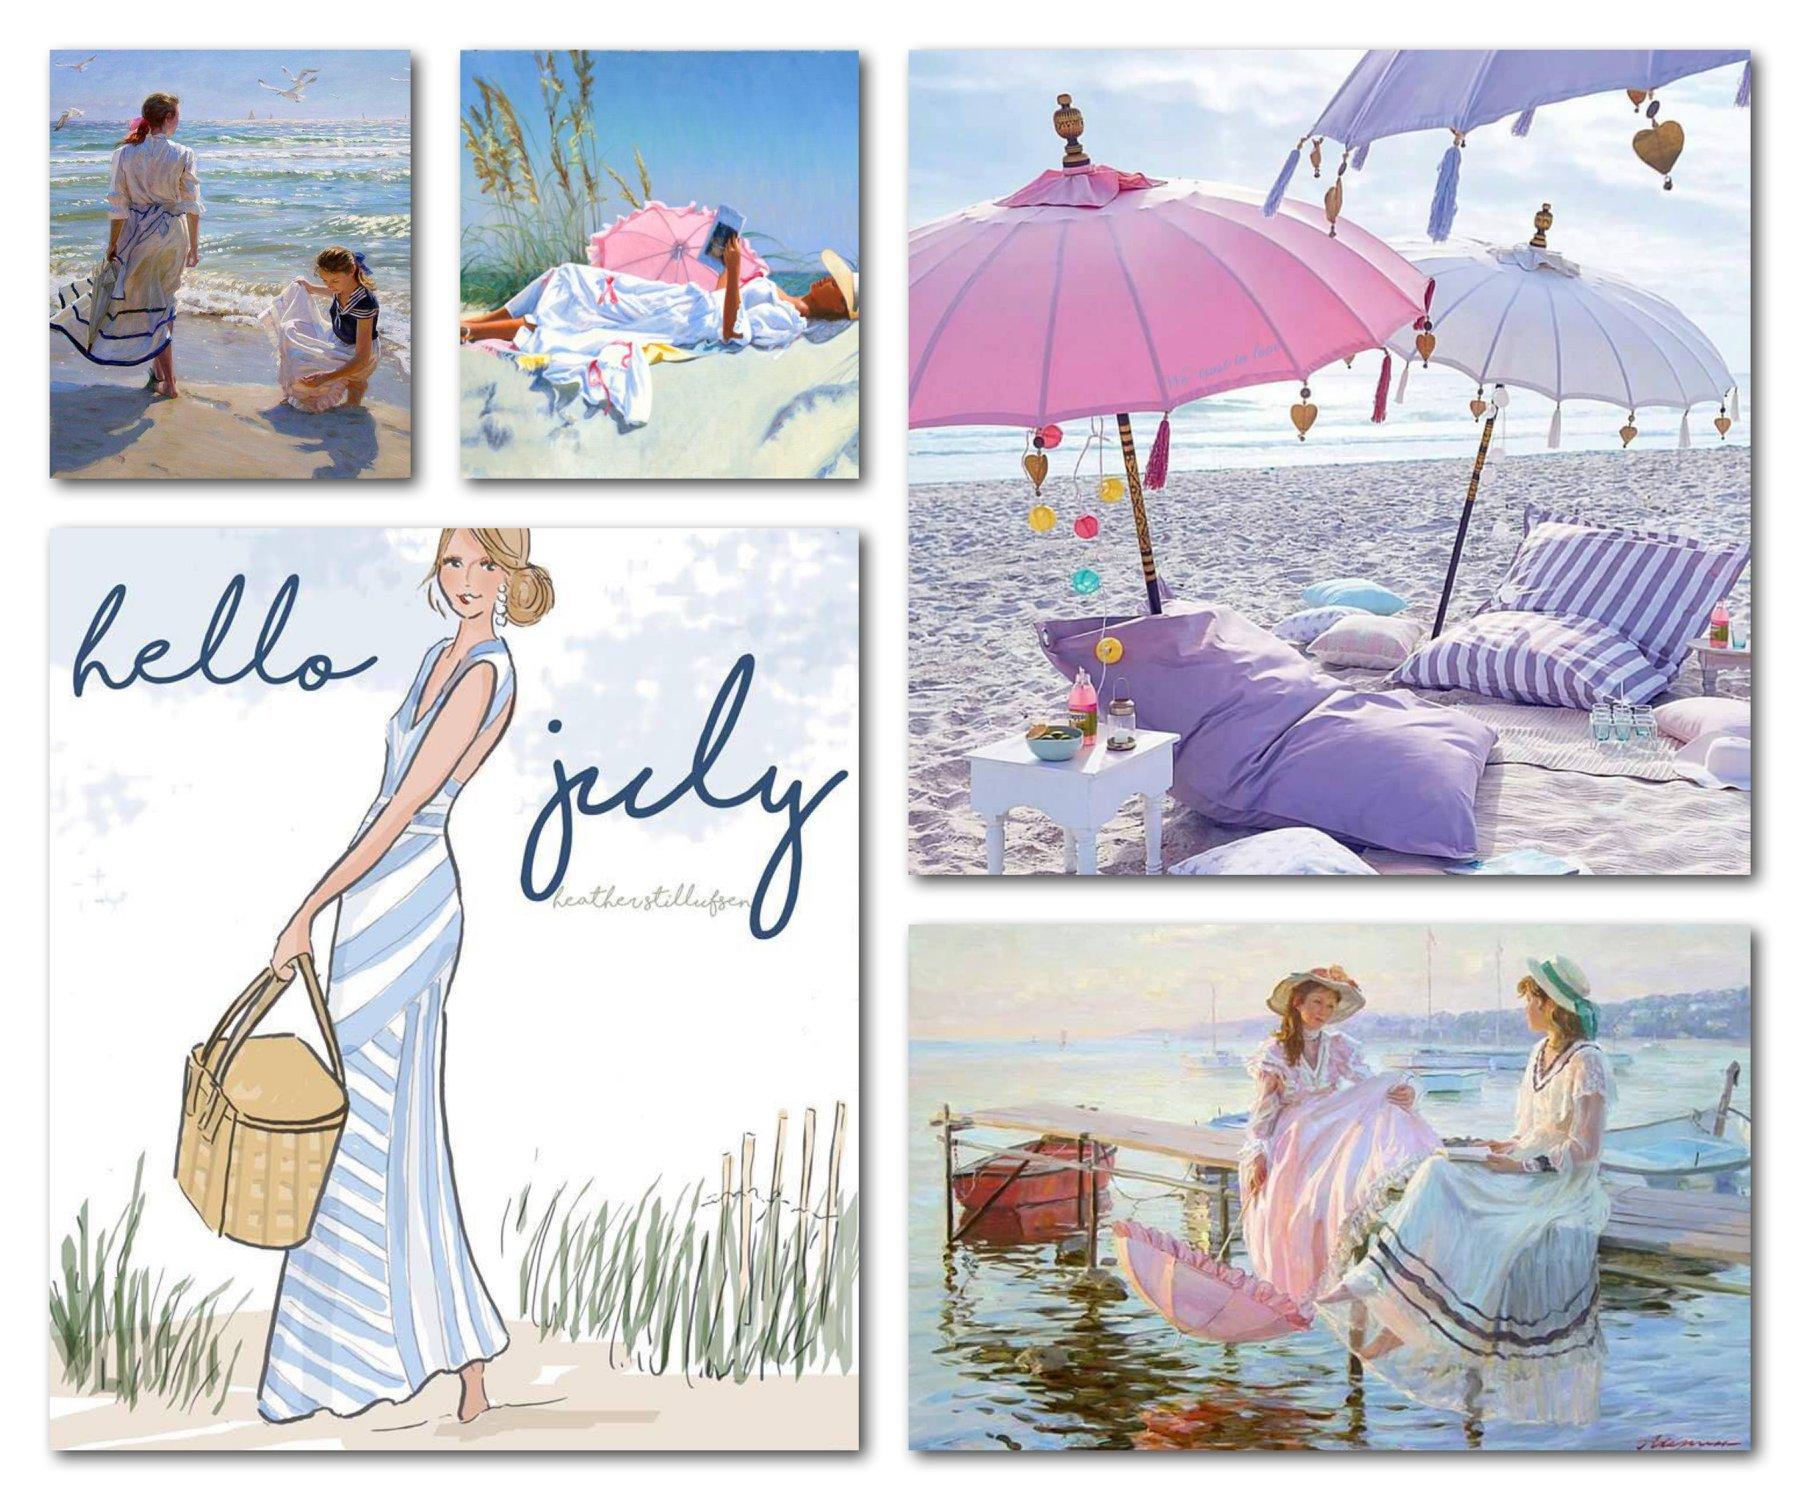 A Hello July